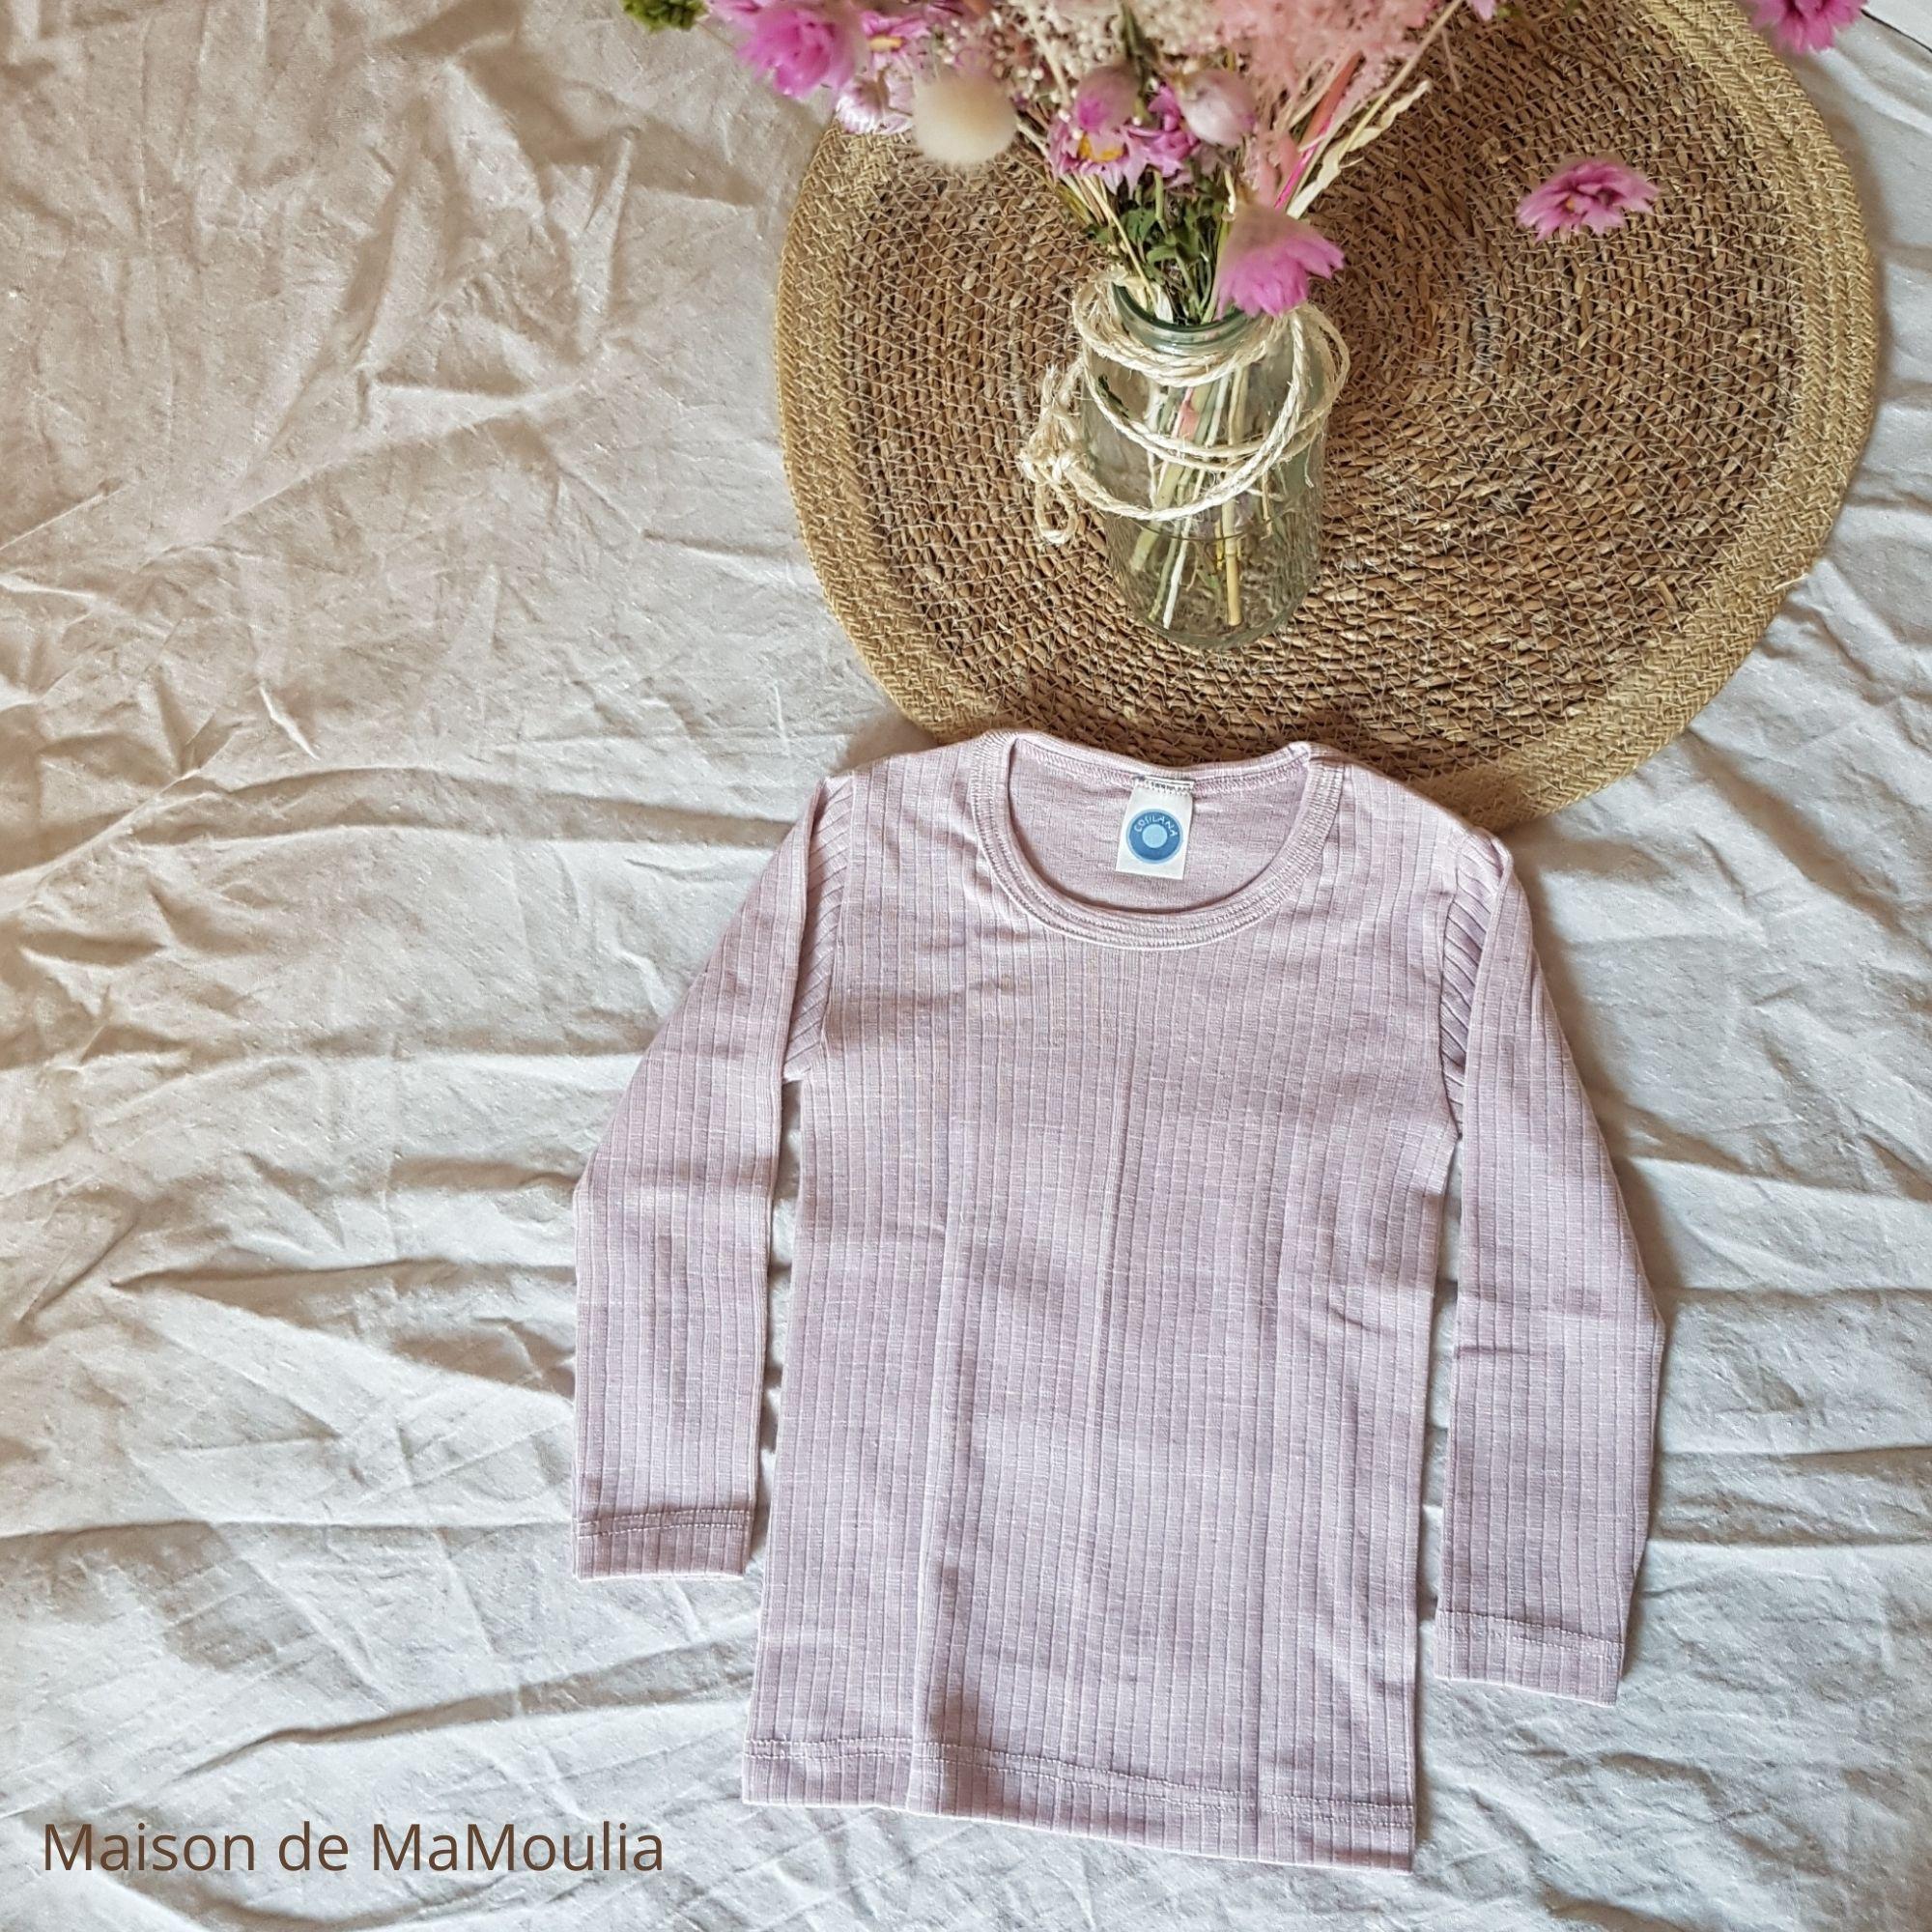 COSILANA - T-shirt à manches longues pour enfant - Laine/Soie/Coton bio, Rose pale